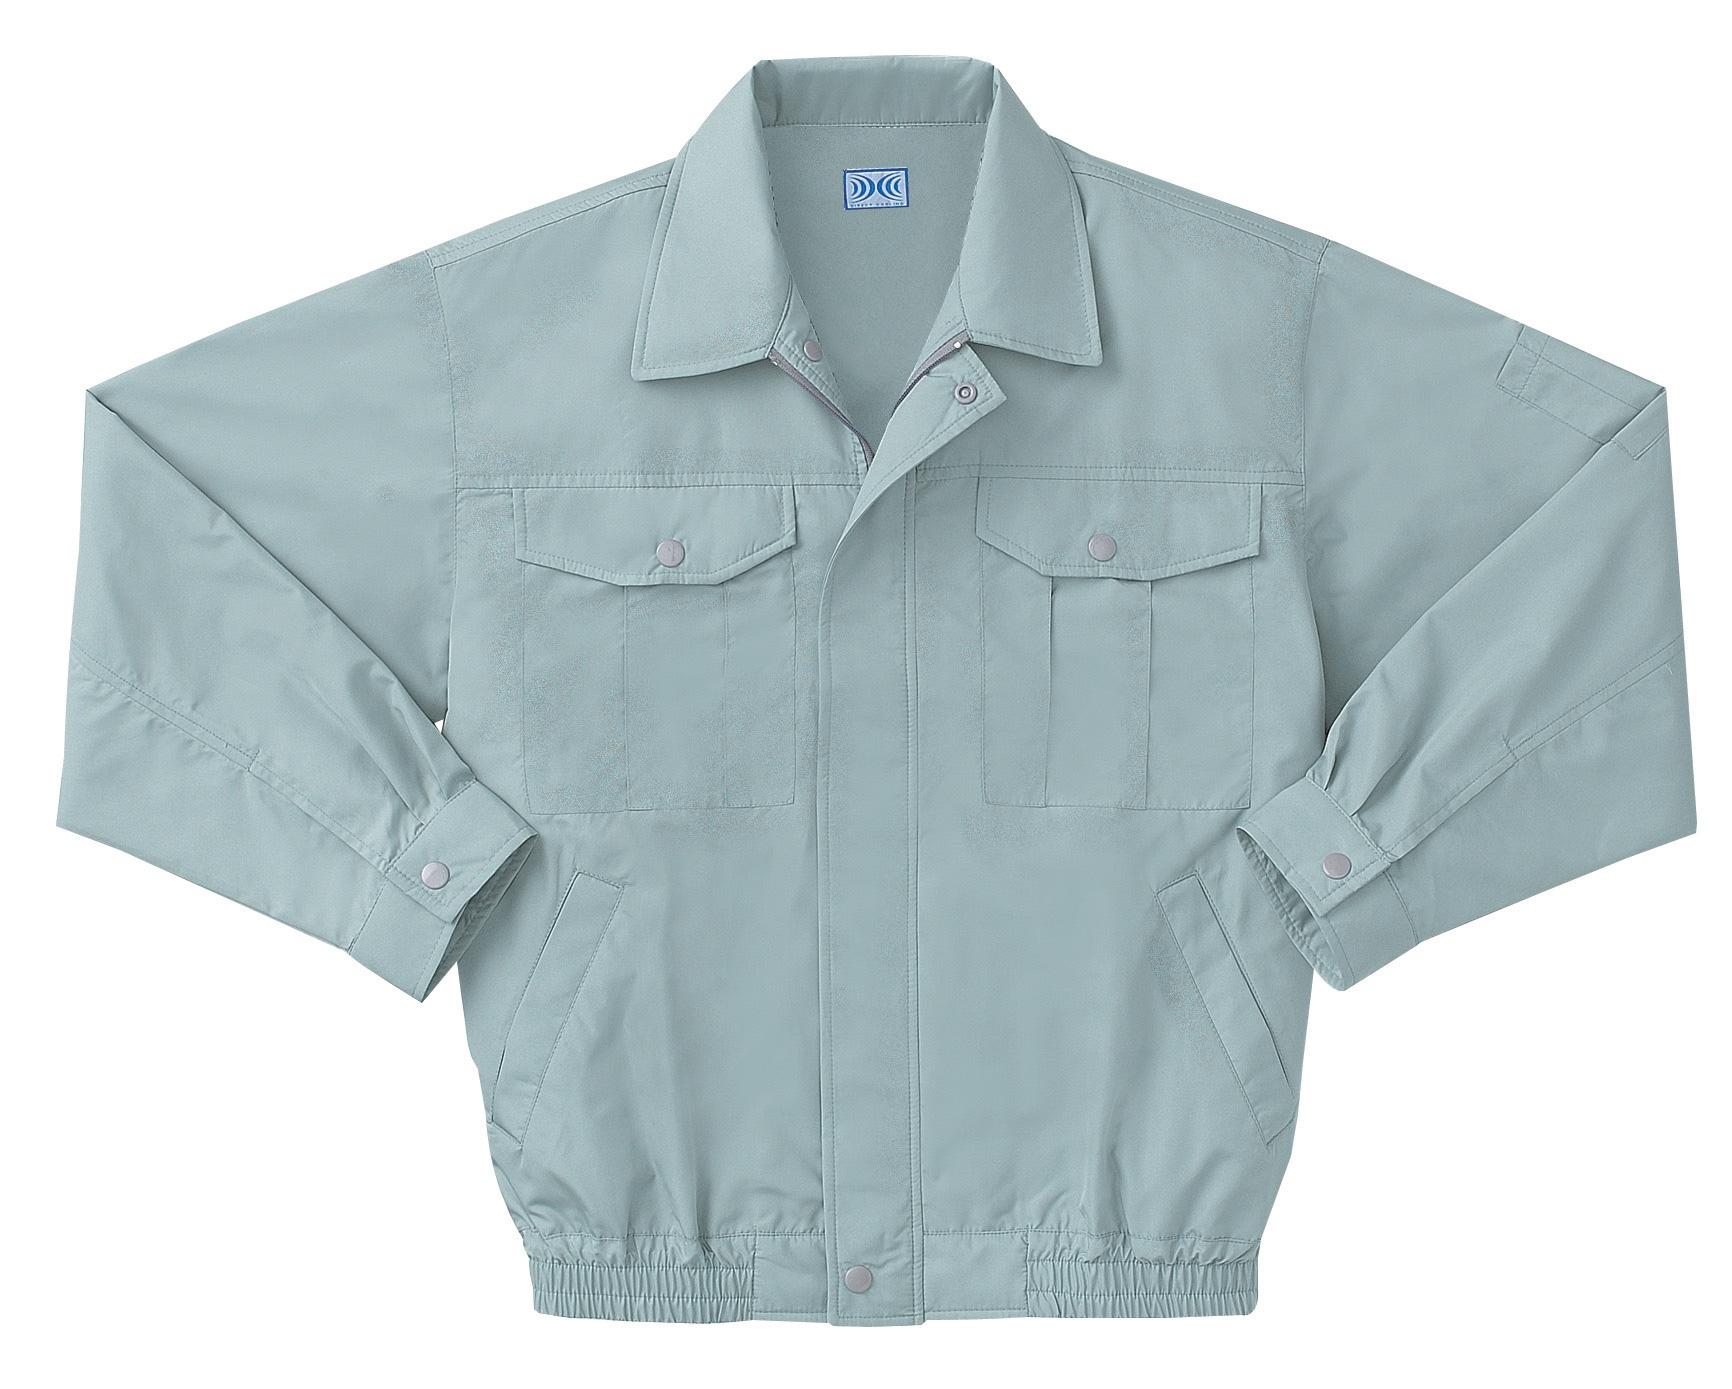 KU90540 ポリエステル100%の空調服 話題沸騰!猛暑対応ファン付き作業服 P-500N